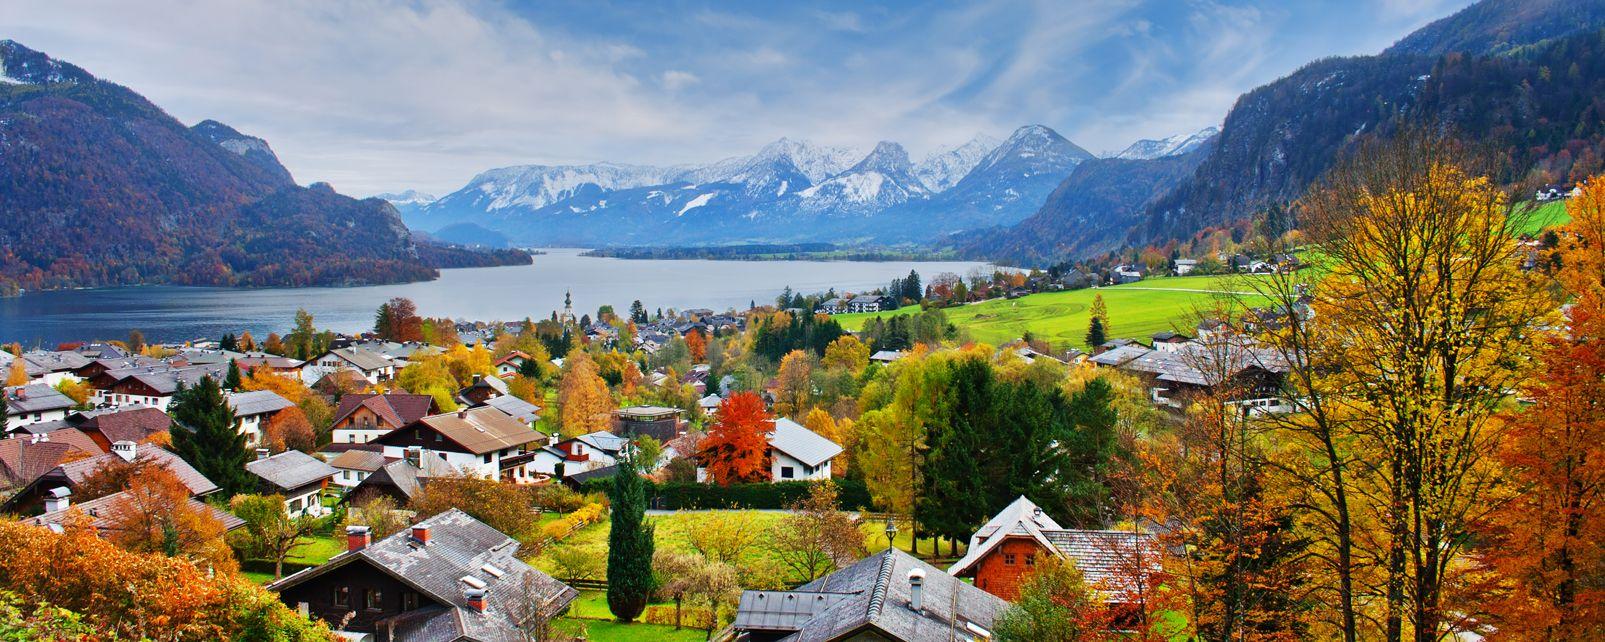 Les paysages, land de salzbourg, land, lac, autriche, paysage, europe, mondsee: